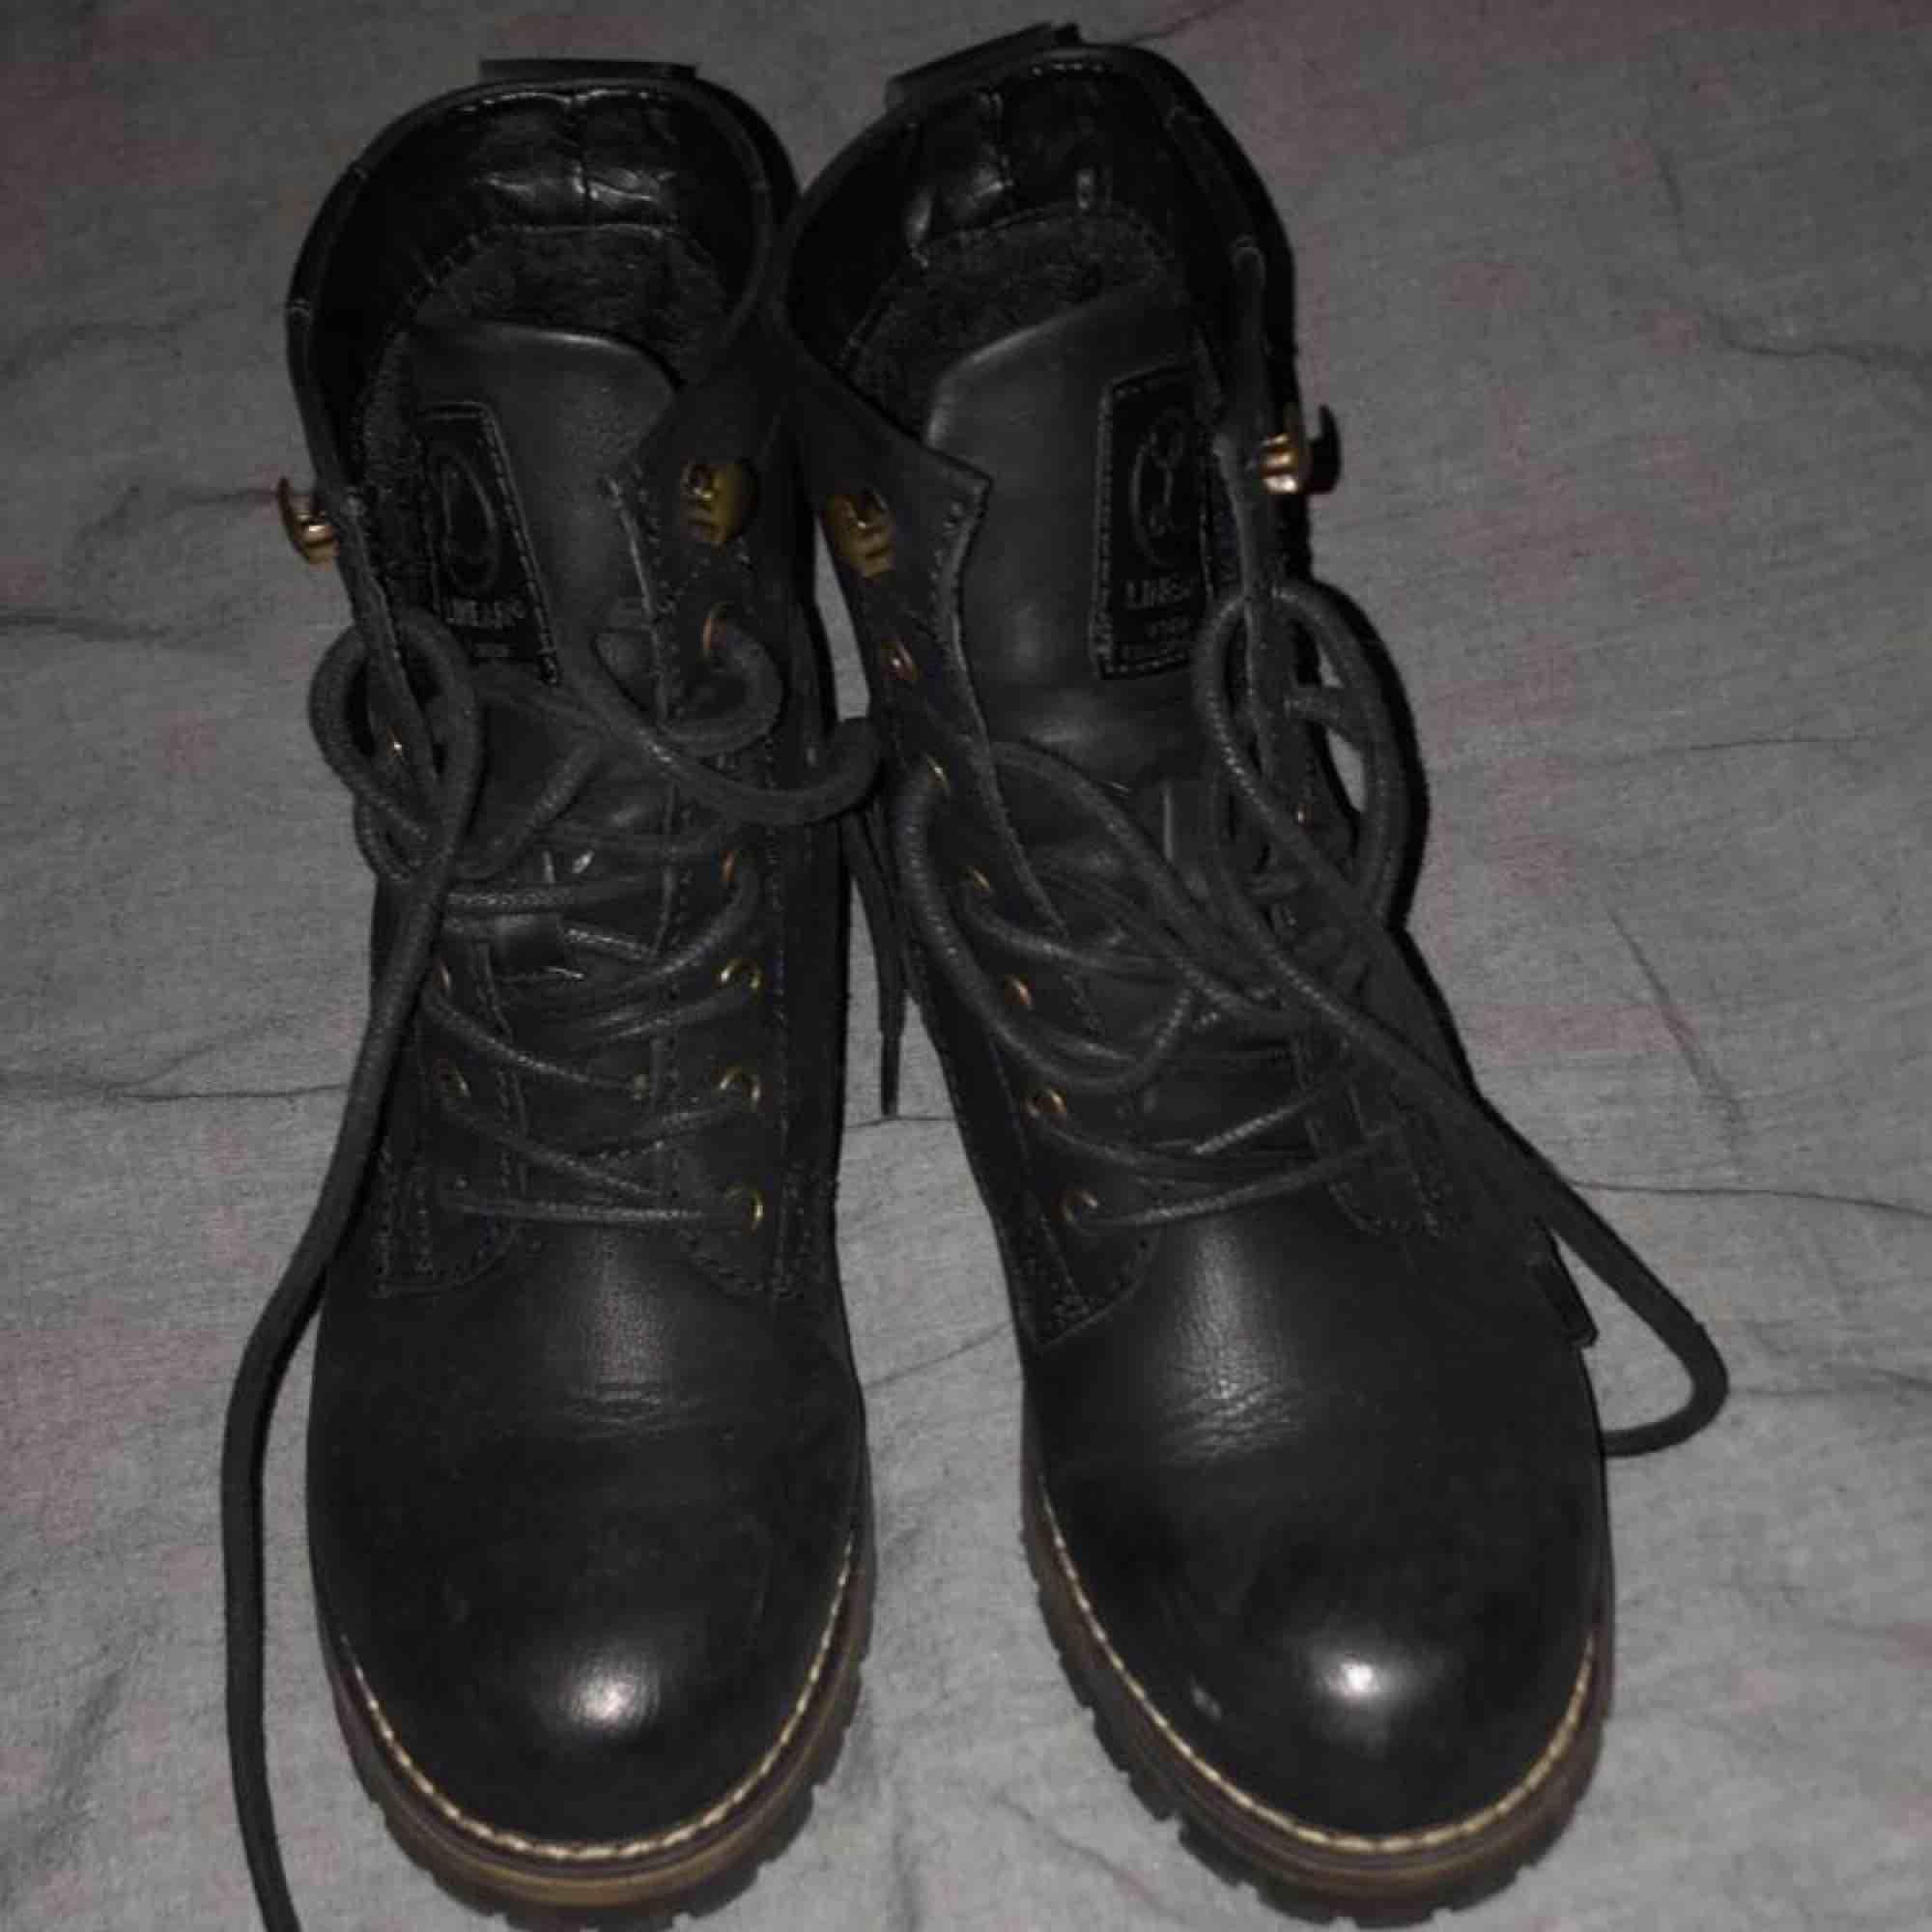 Säljer mina nya vinter kängor! Köptes förra vintern för 700 kr! Dom är fodrade och väldigt varma, passar bra till vintern! Strl 36, skicket är rätt bra då jag inte har hunnit använt dom super mycket😊 hör av er! . Skor.